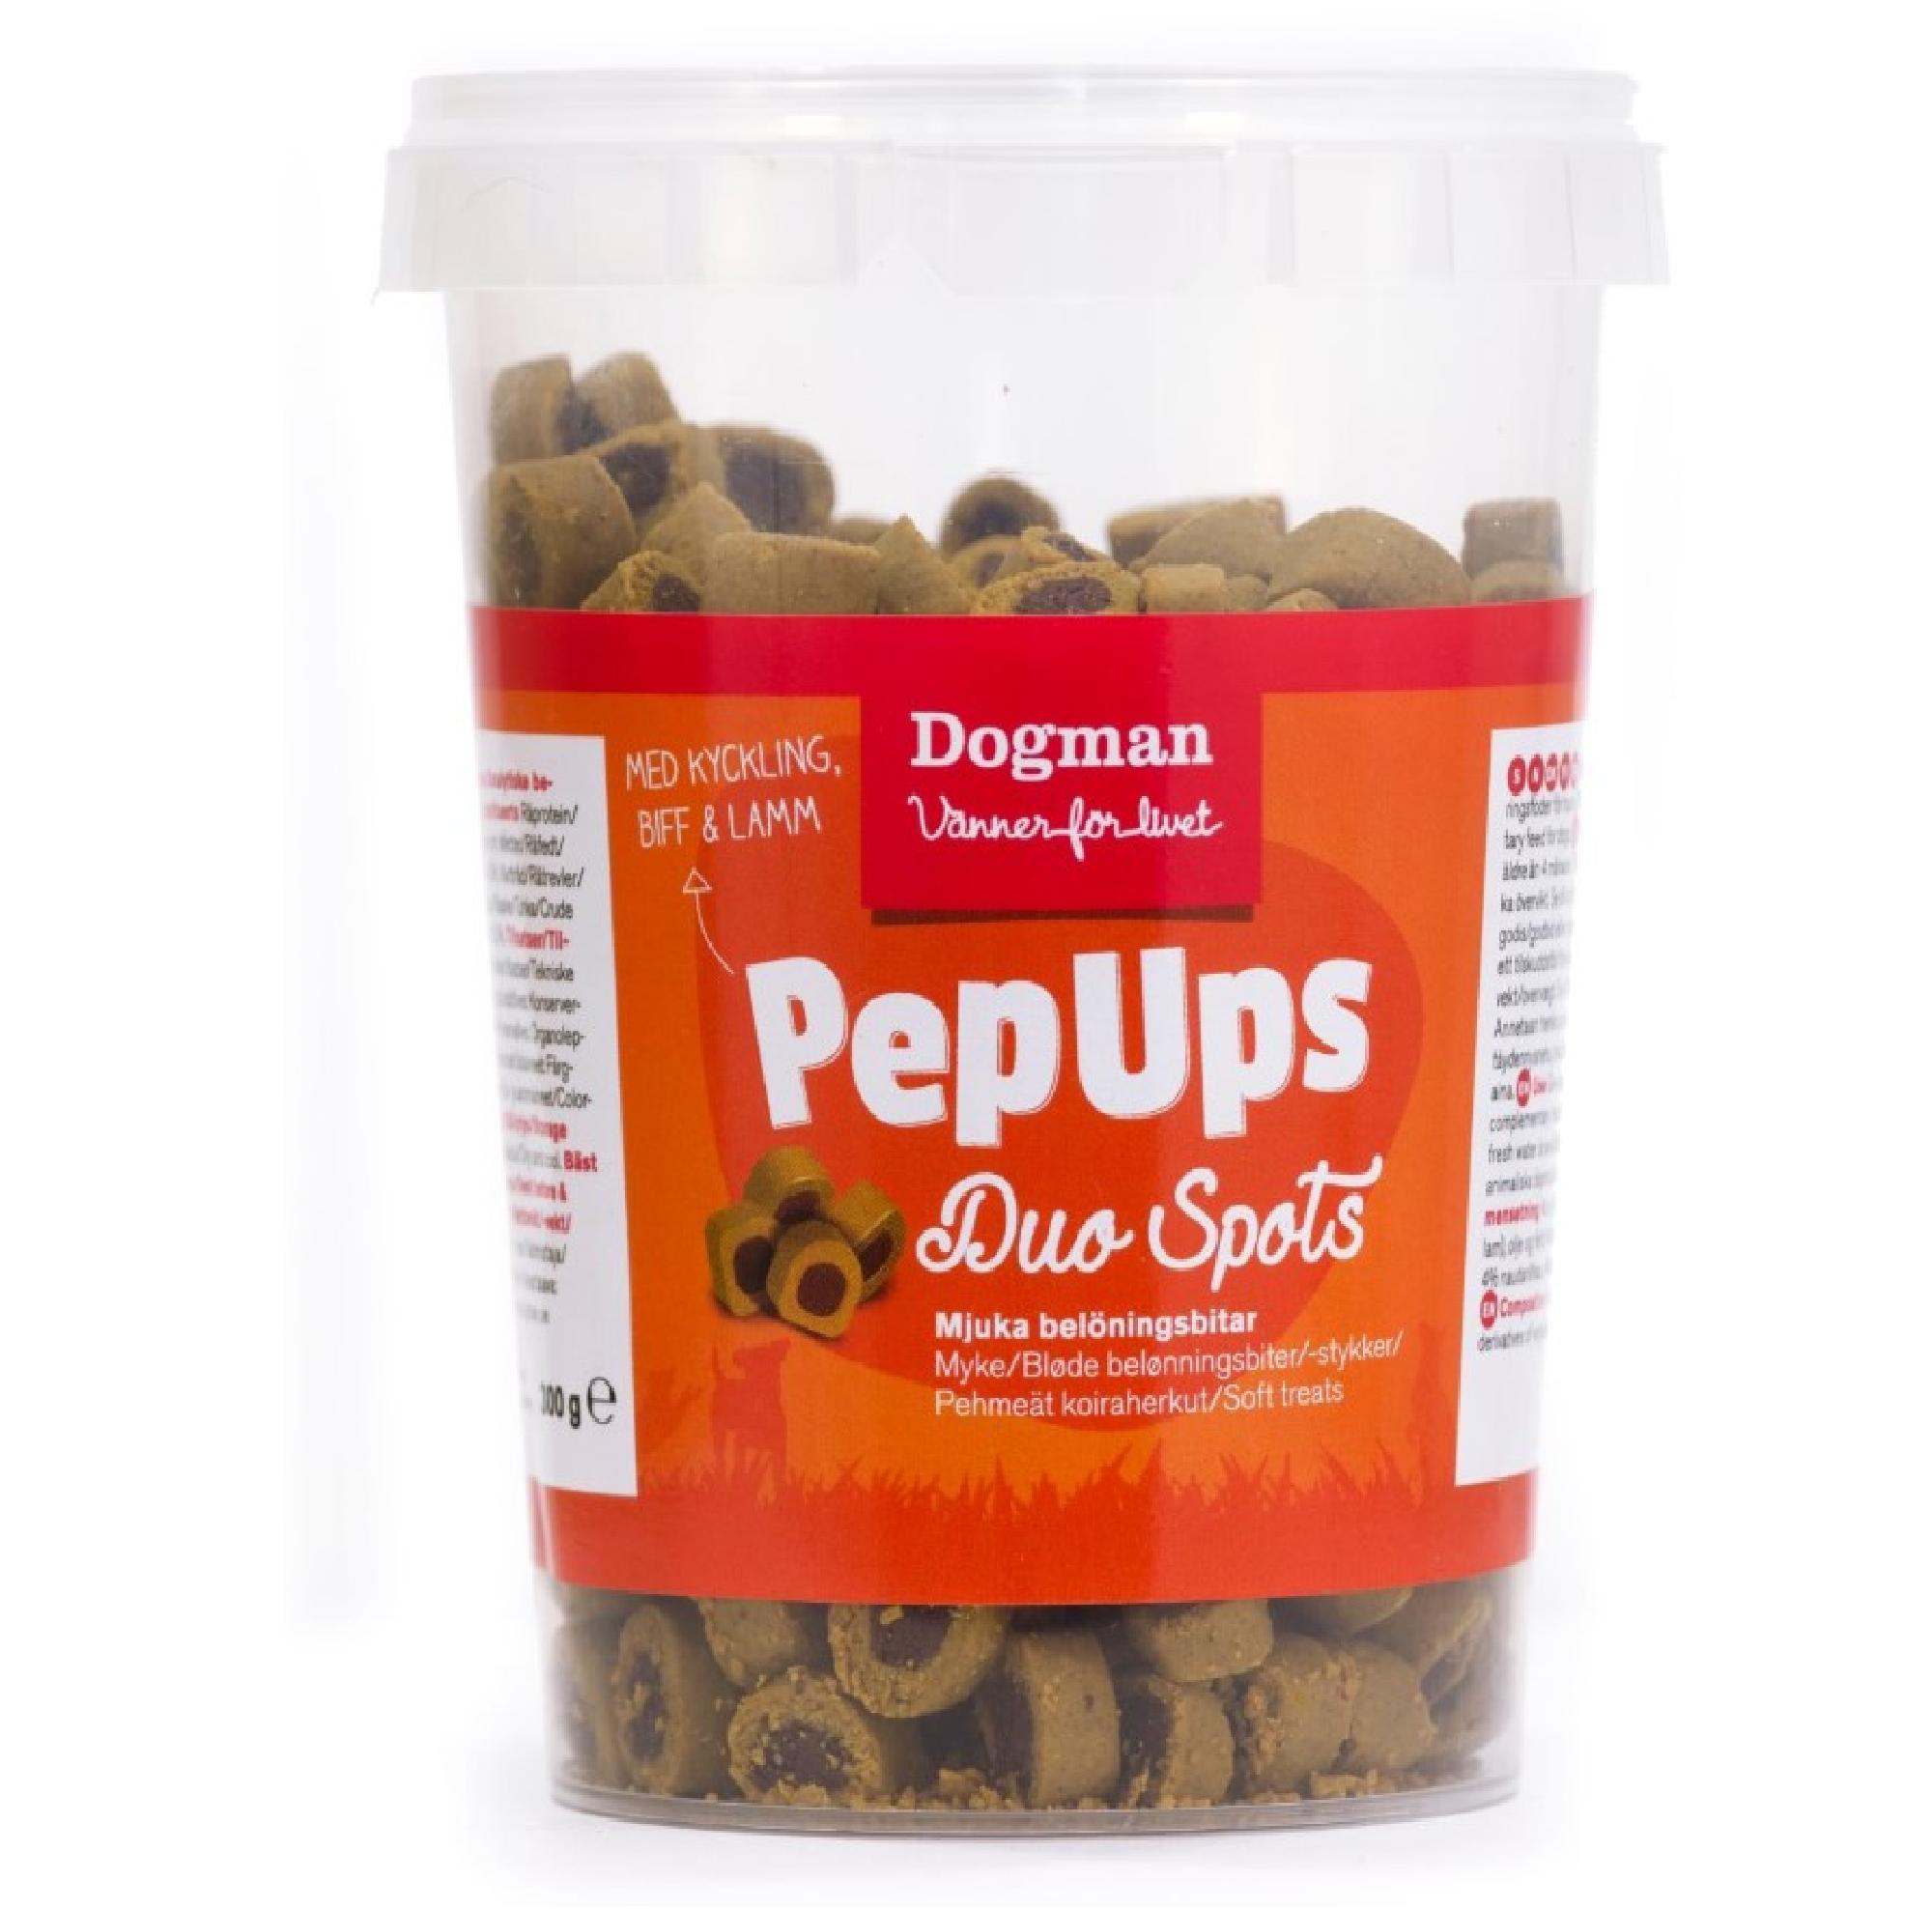 Dogman Pep Ups Duo Spots 3-smak